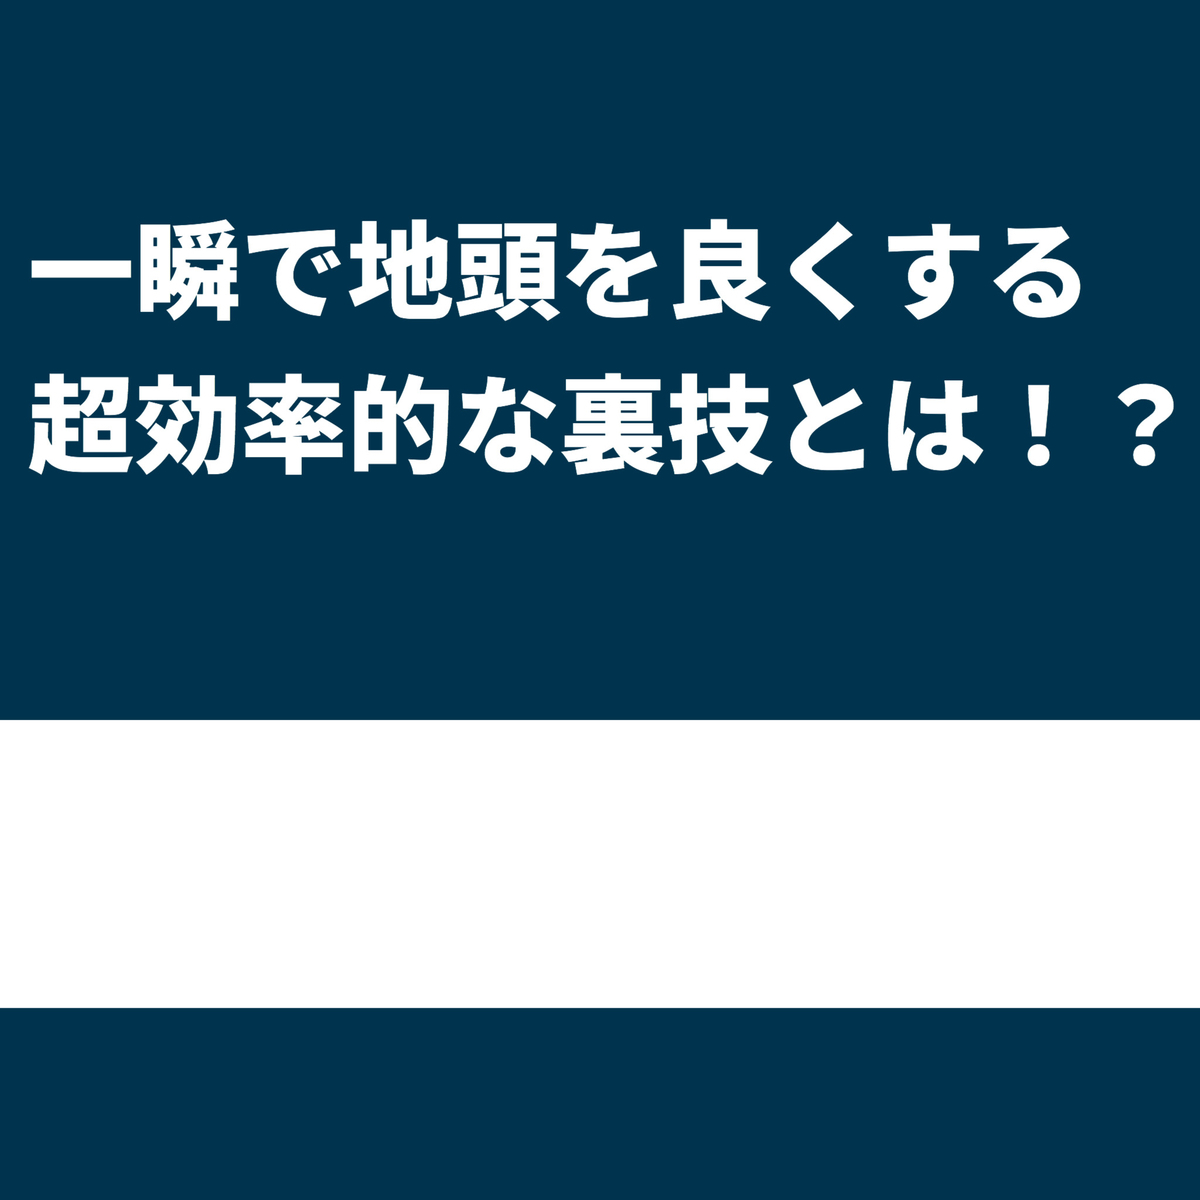 f:id:tabitatsu:20200412194713j:plain